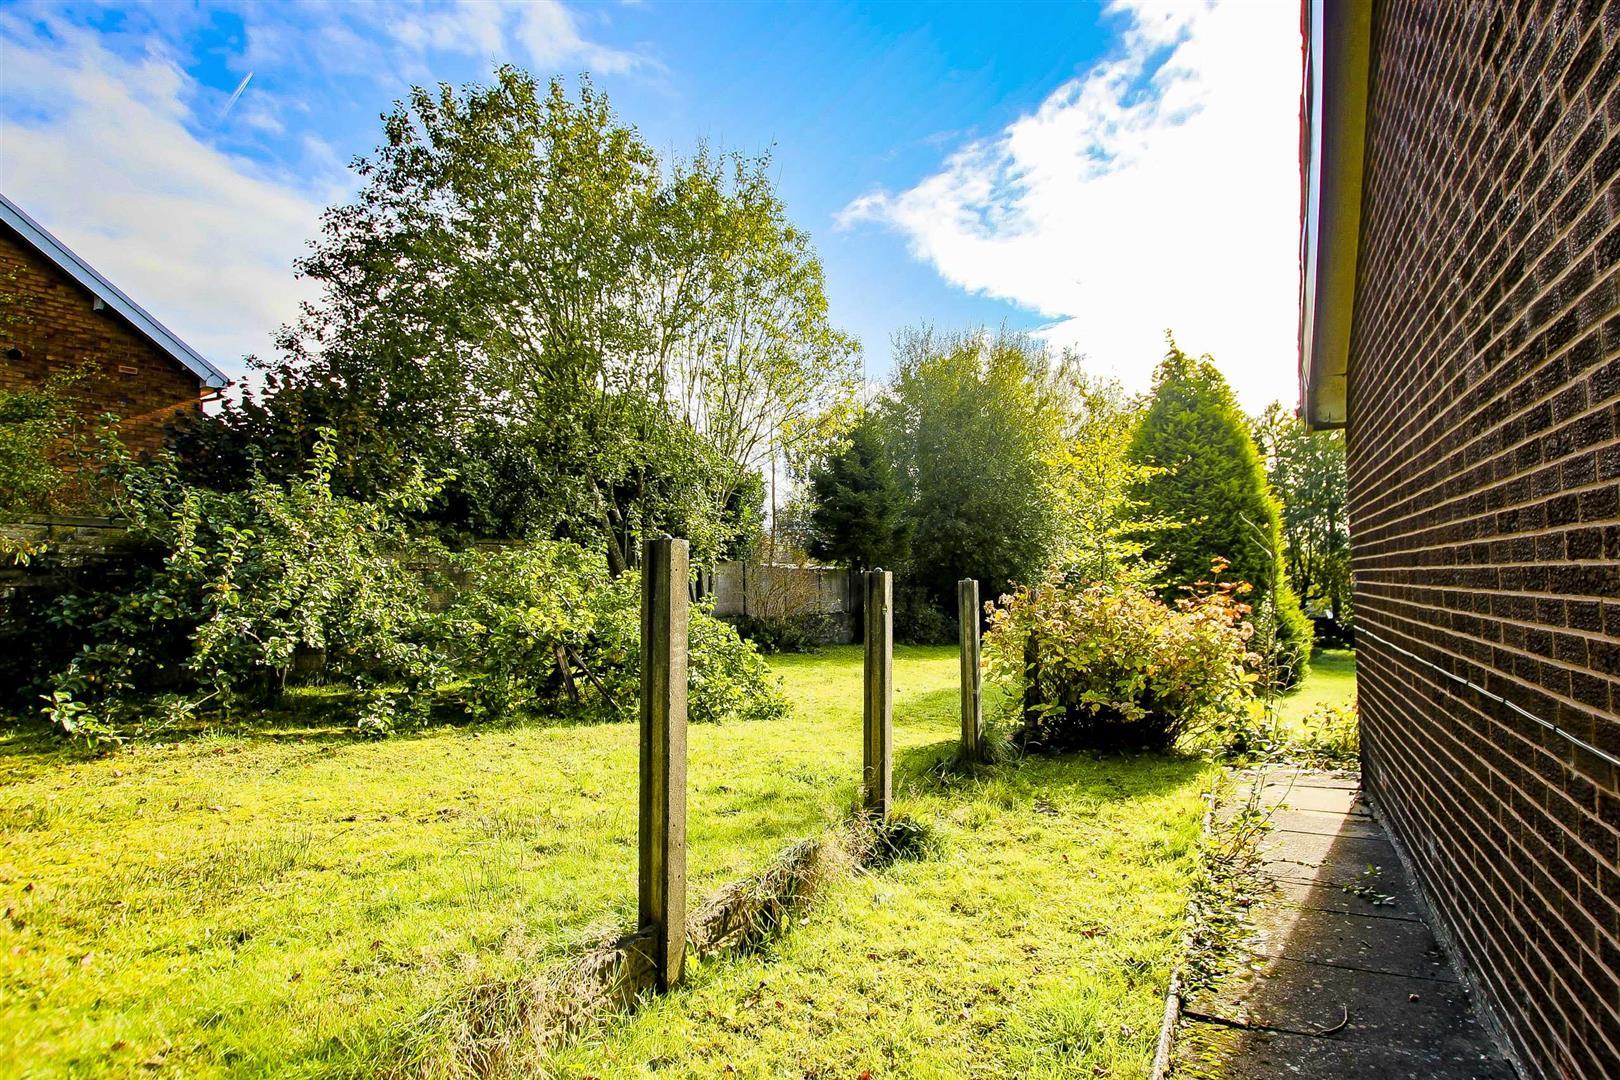 5 Bedroom Building Plot Land For Sale - Image 16